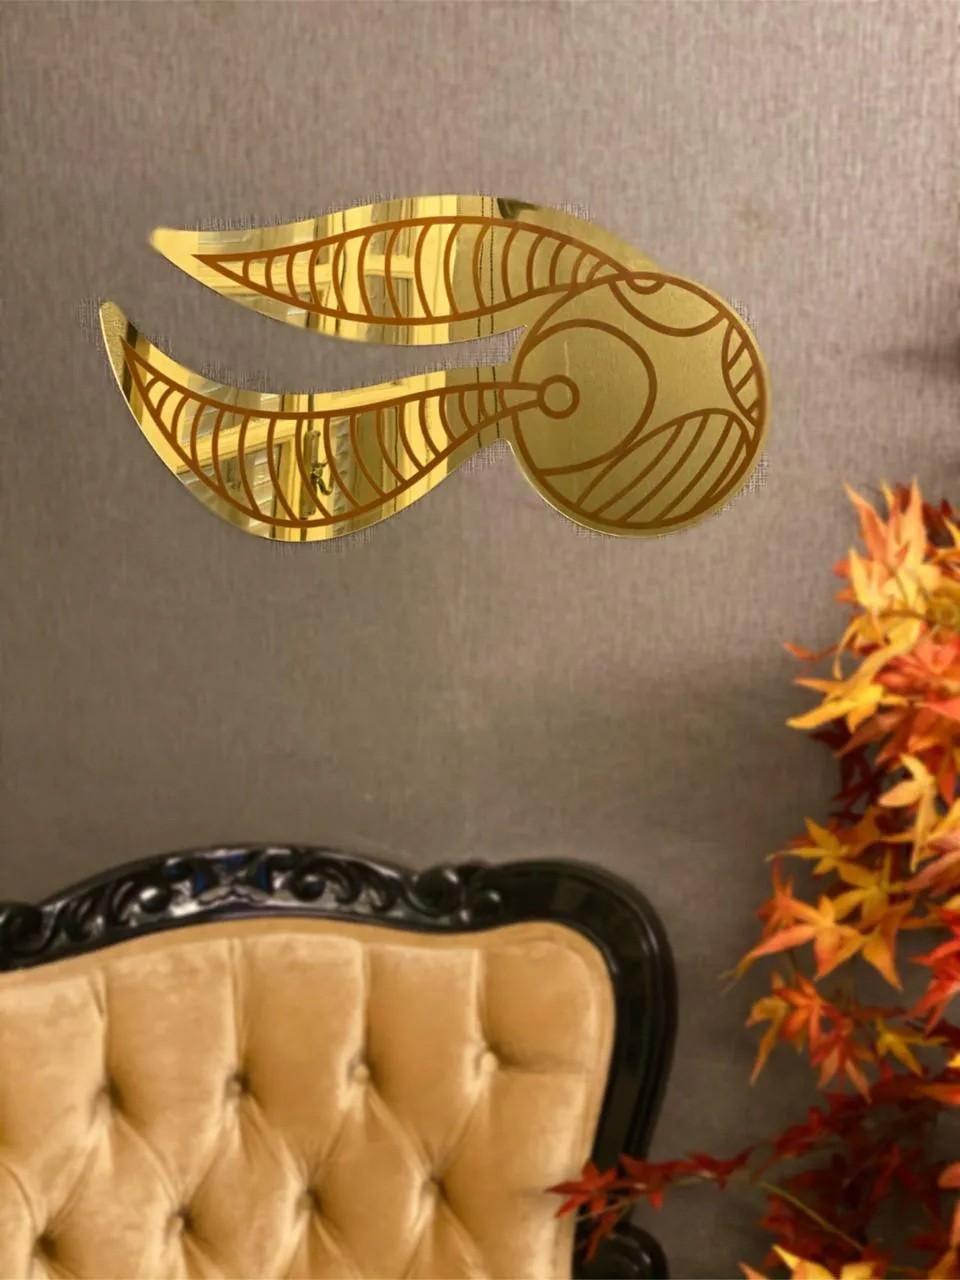 Espelho Acrílico Bola Dourada Voadora Bruxo